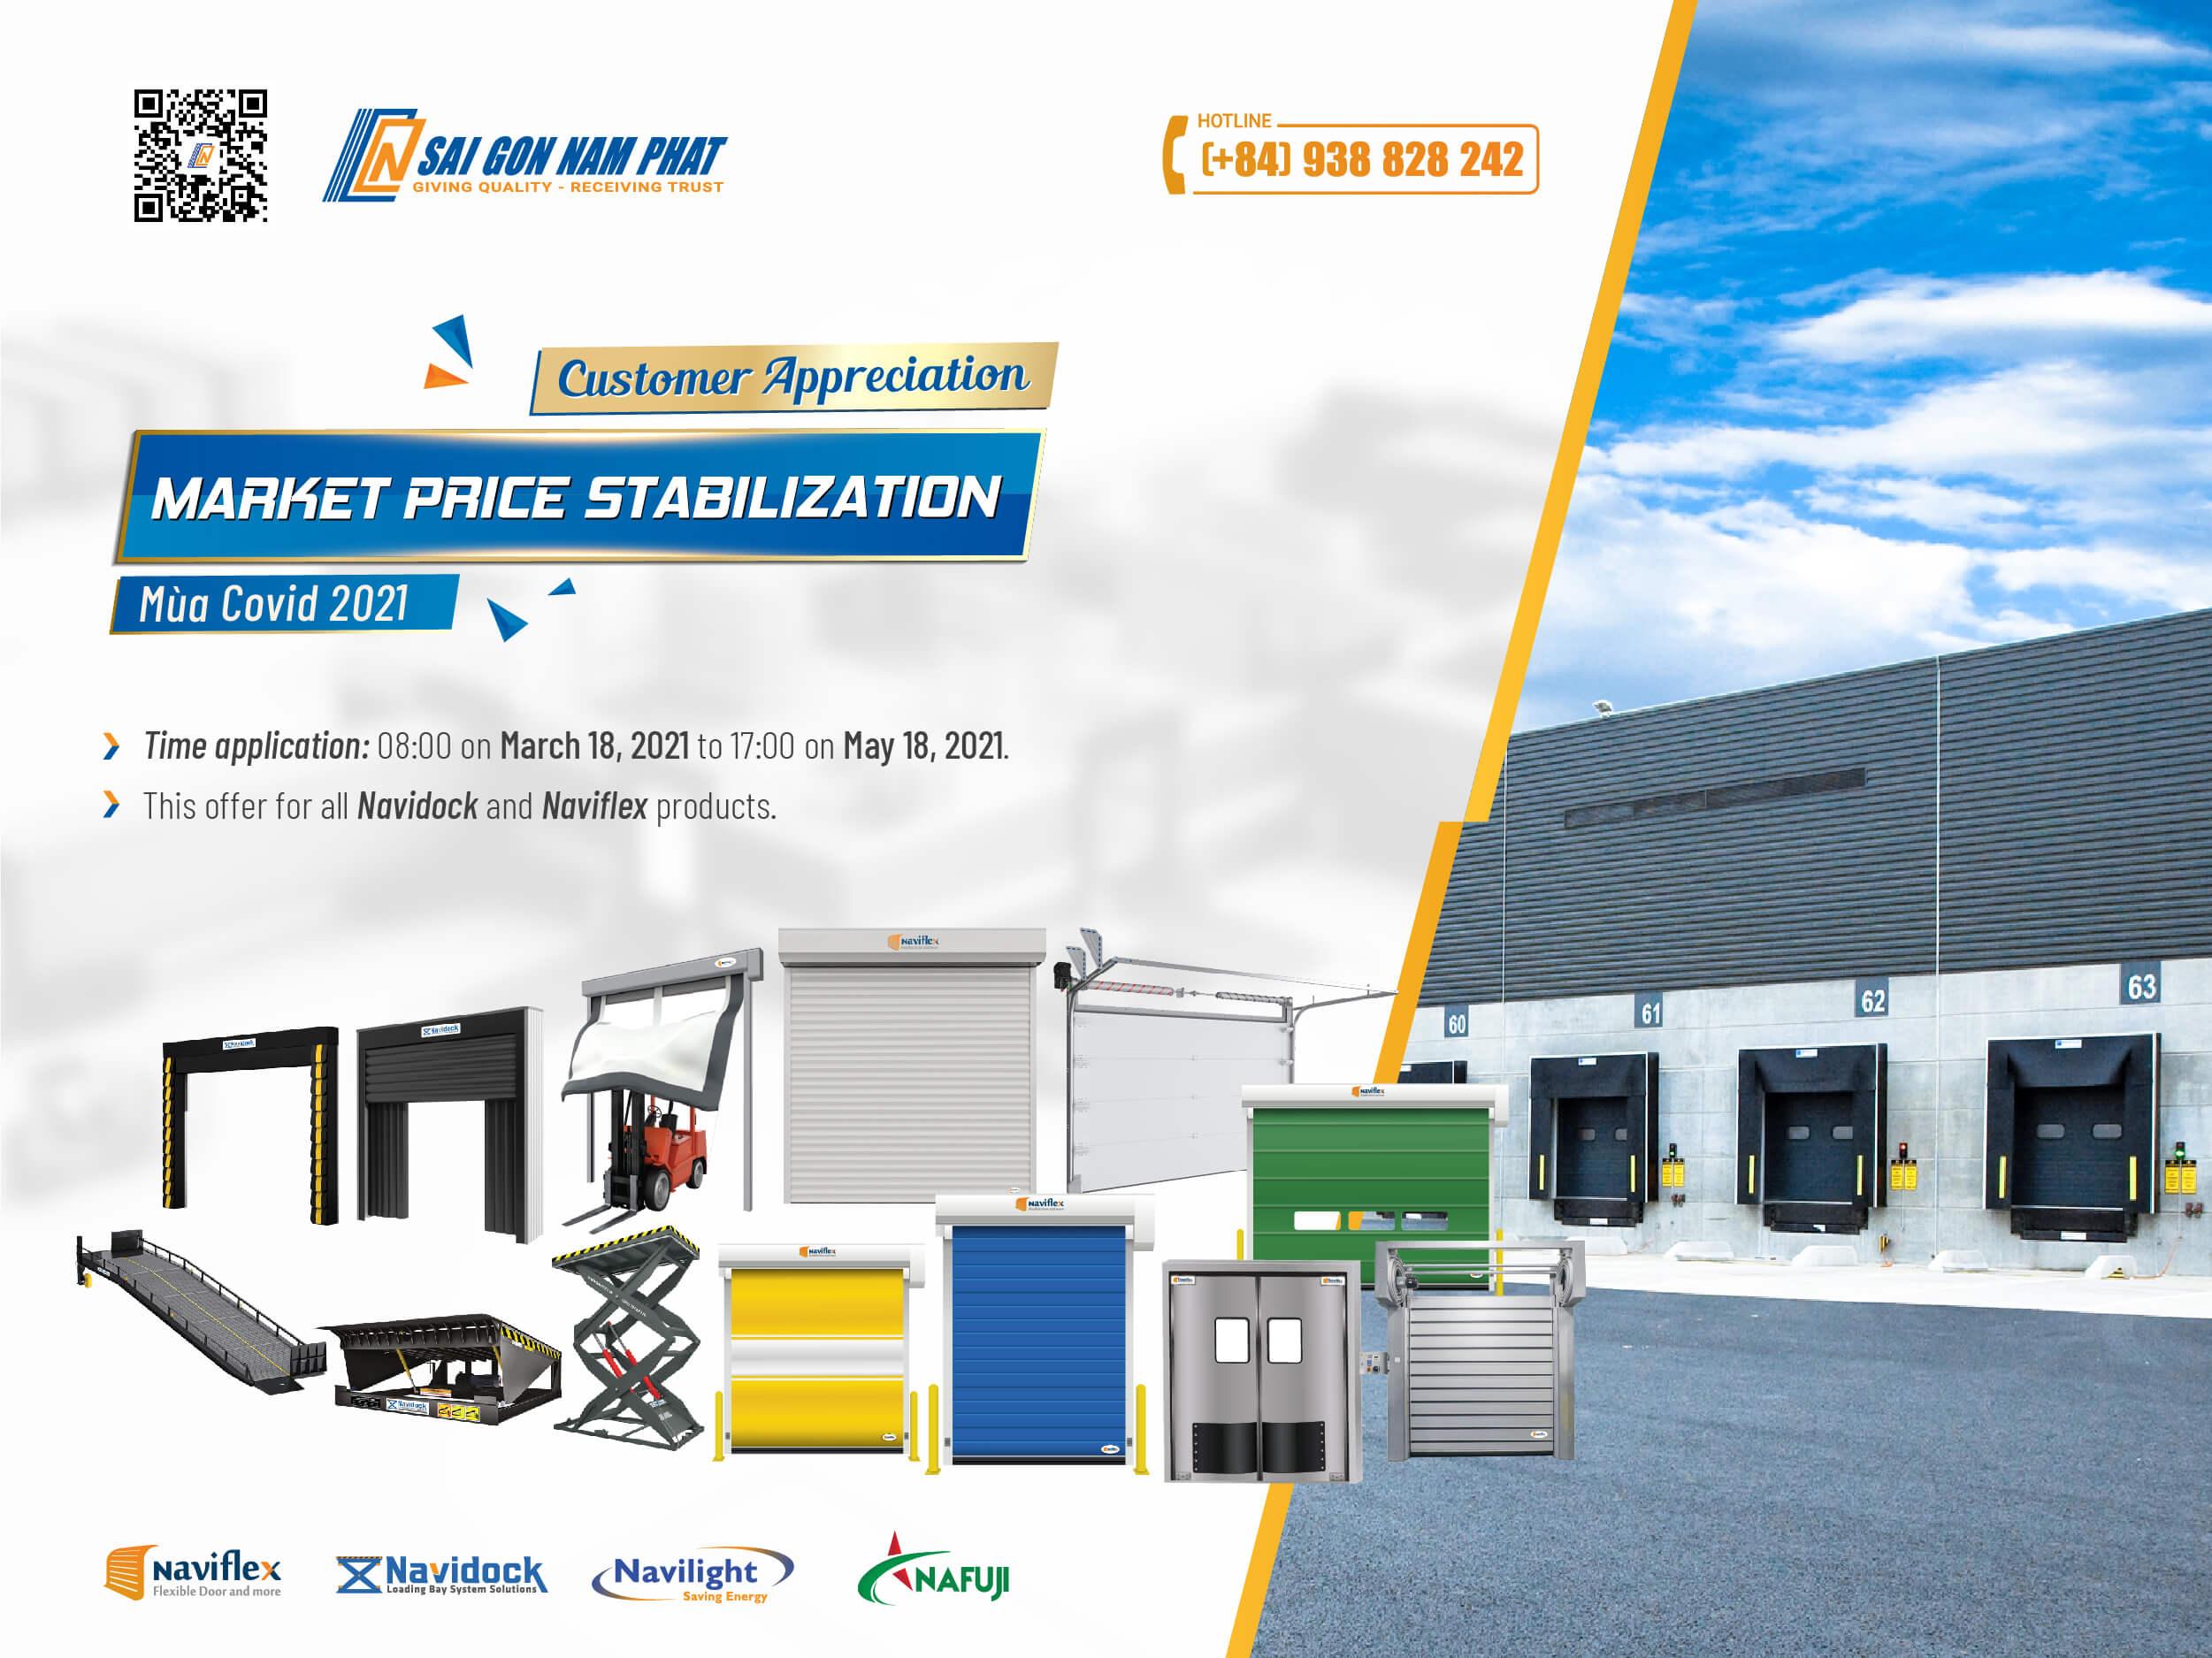 Program-Customer-Appreciation-Market-Price-Stabilization in Covid